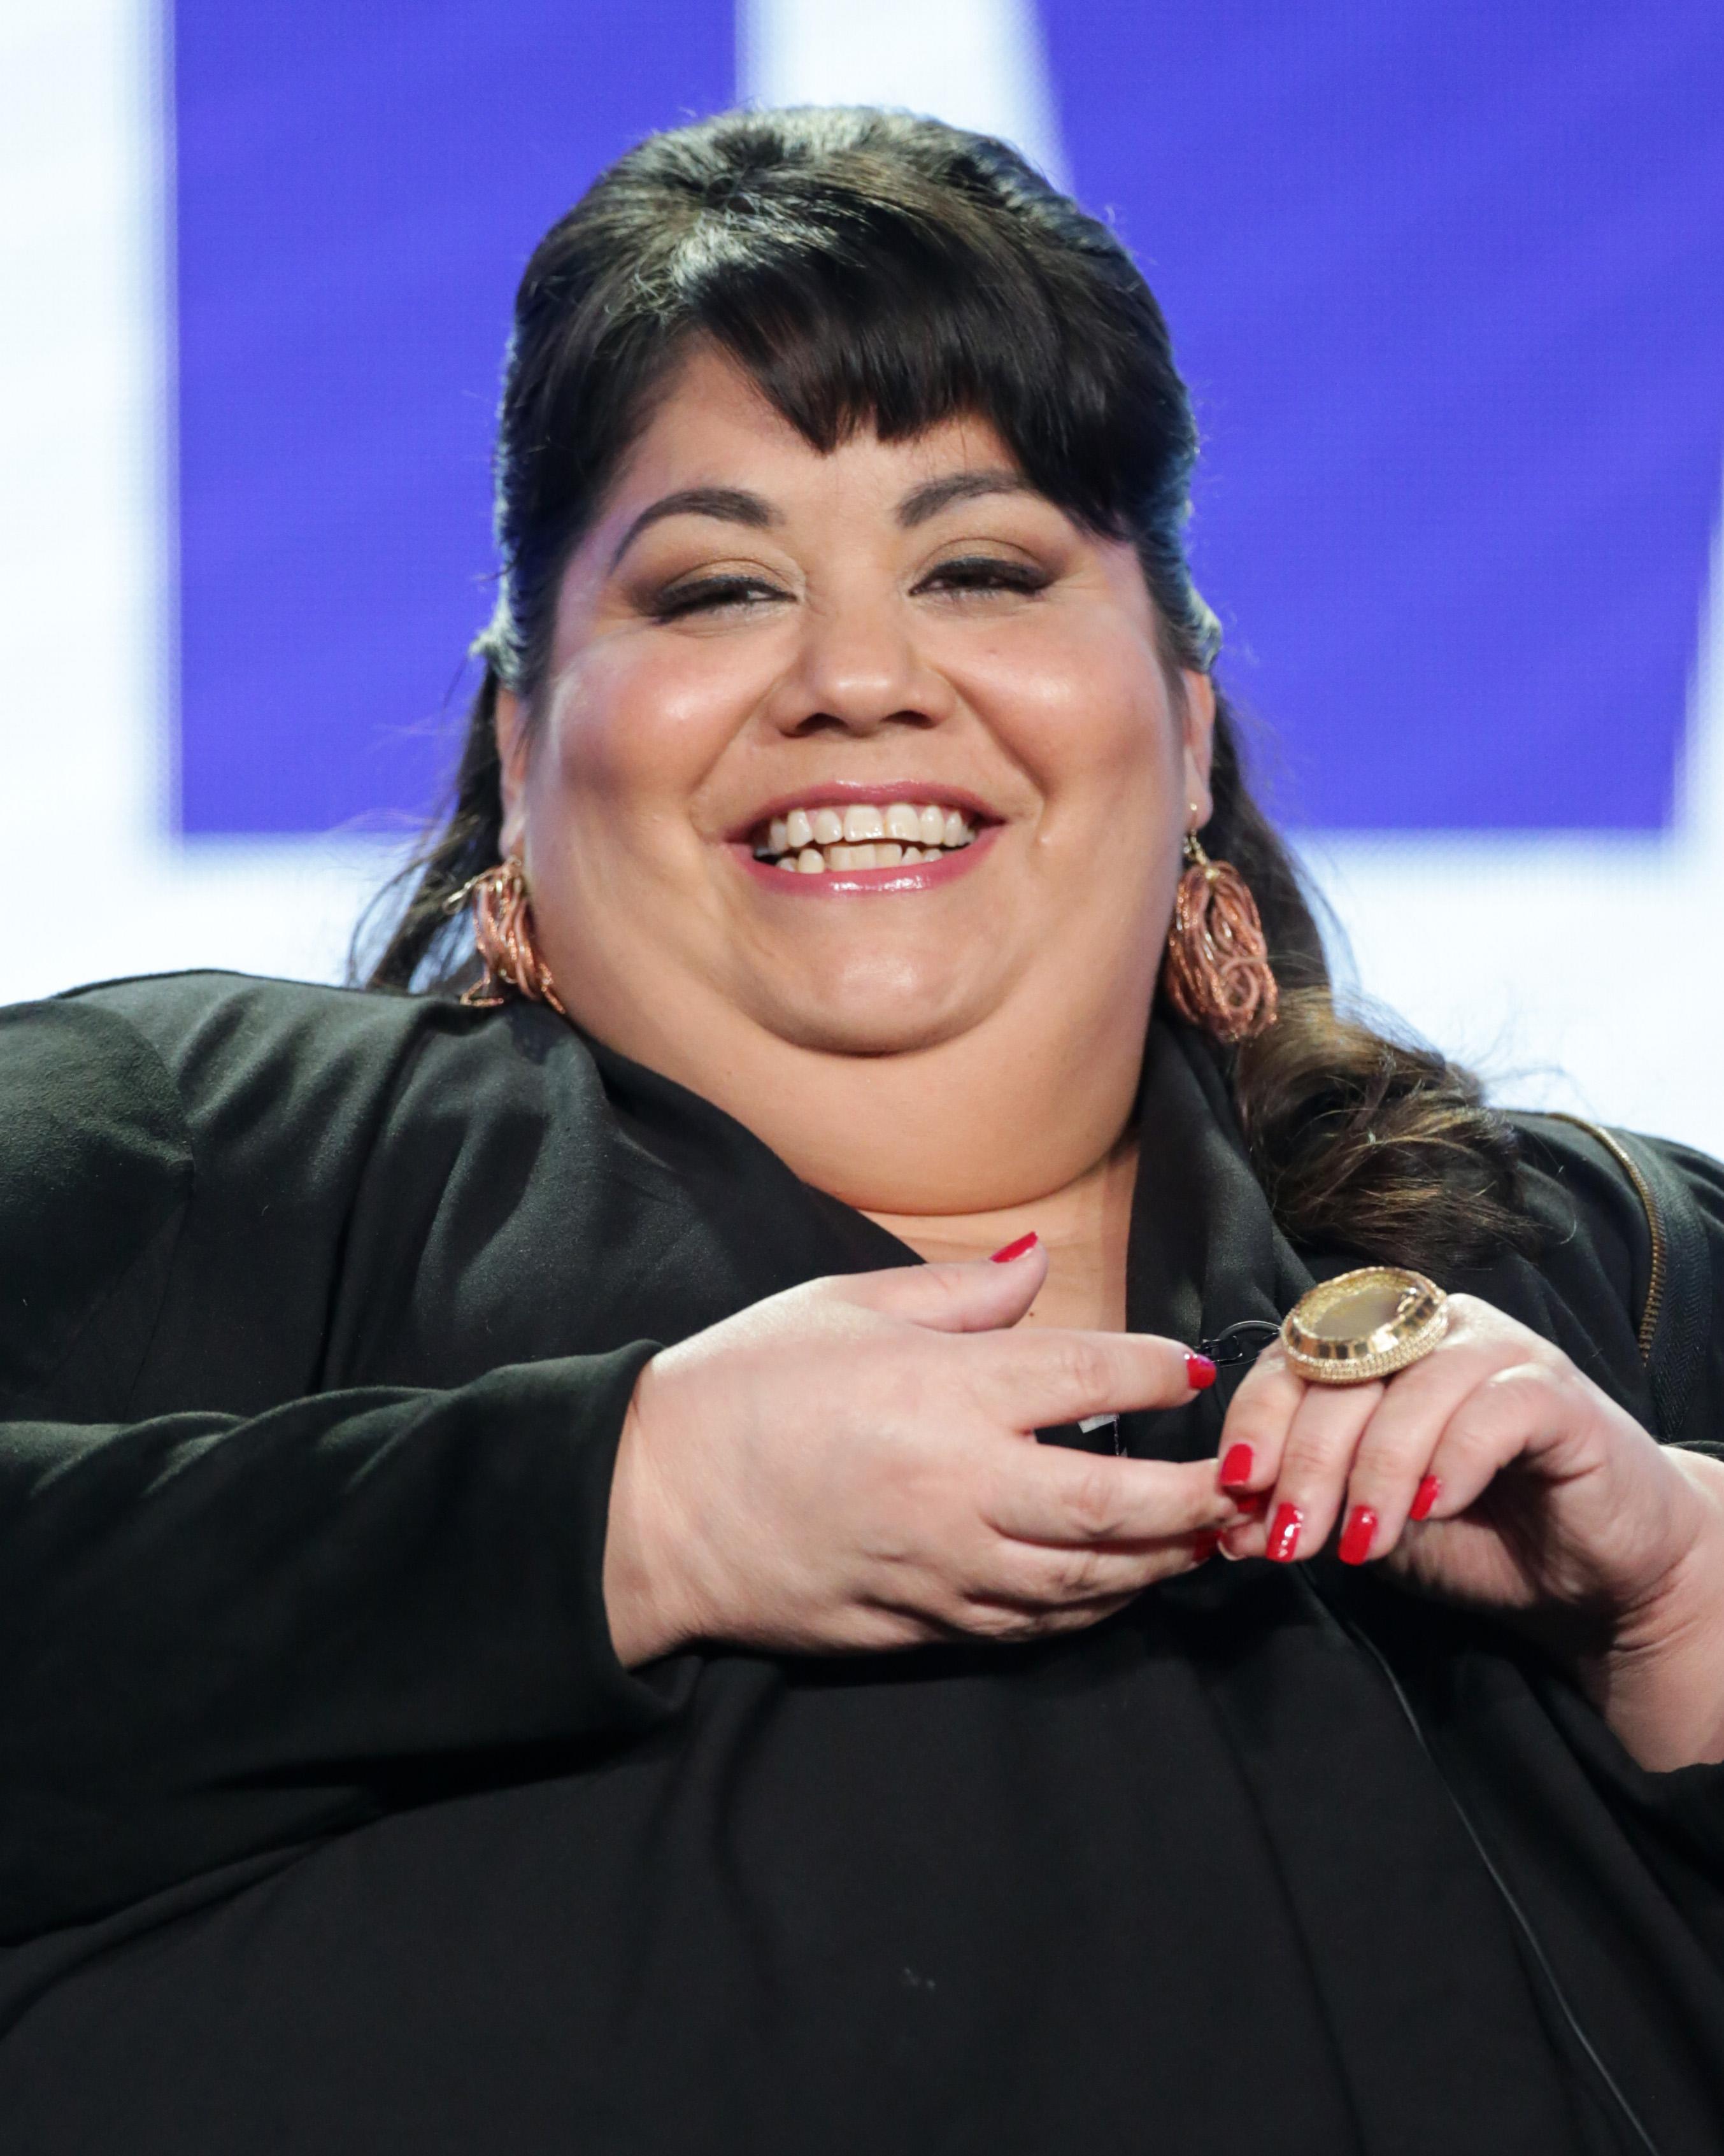 Carla Jimenez